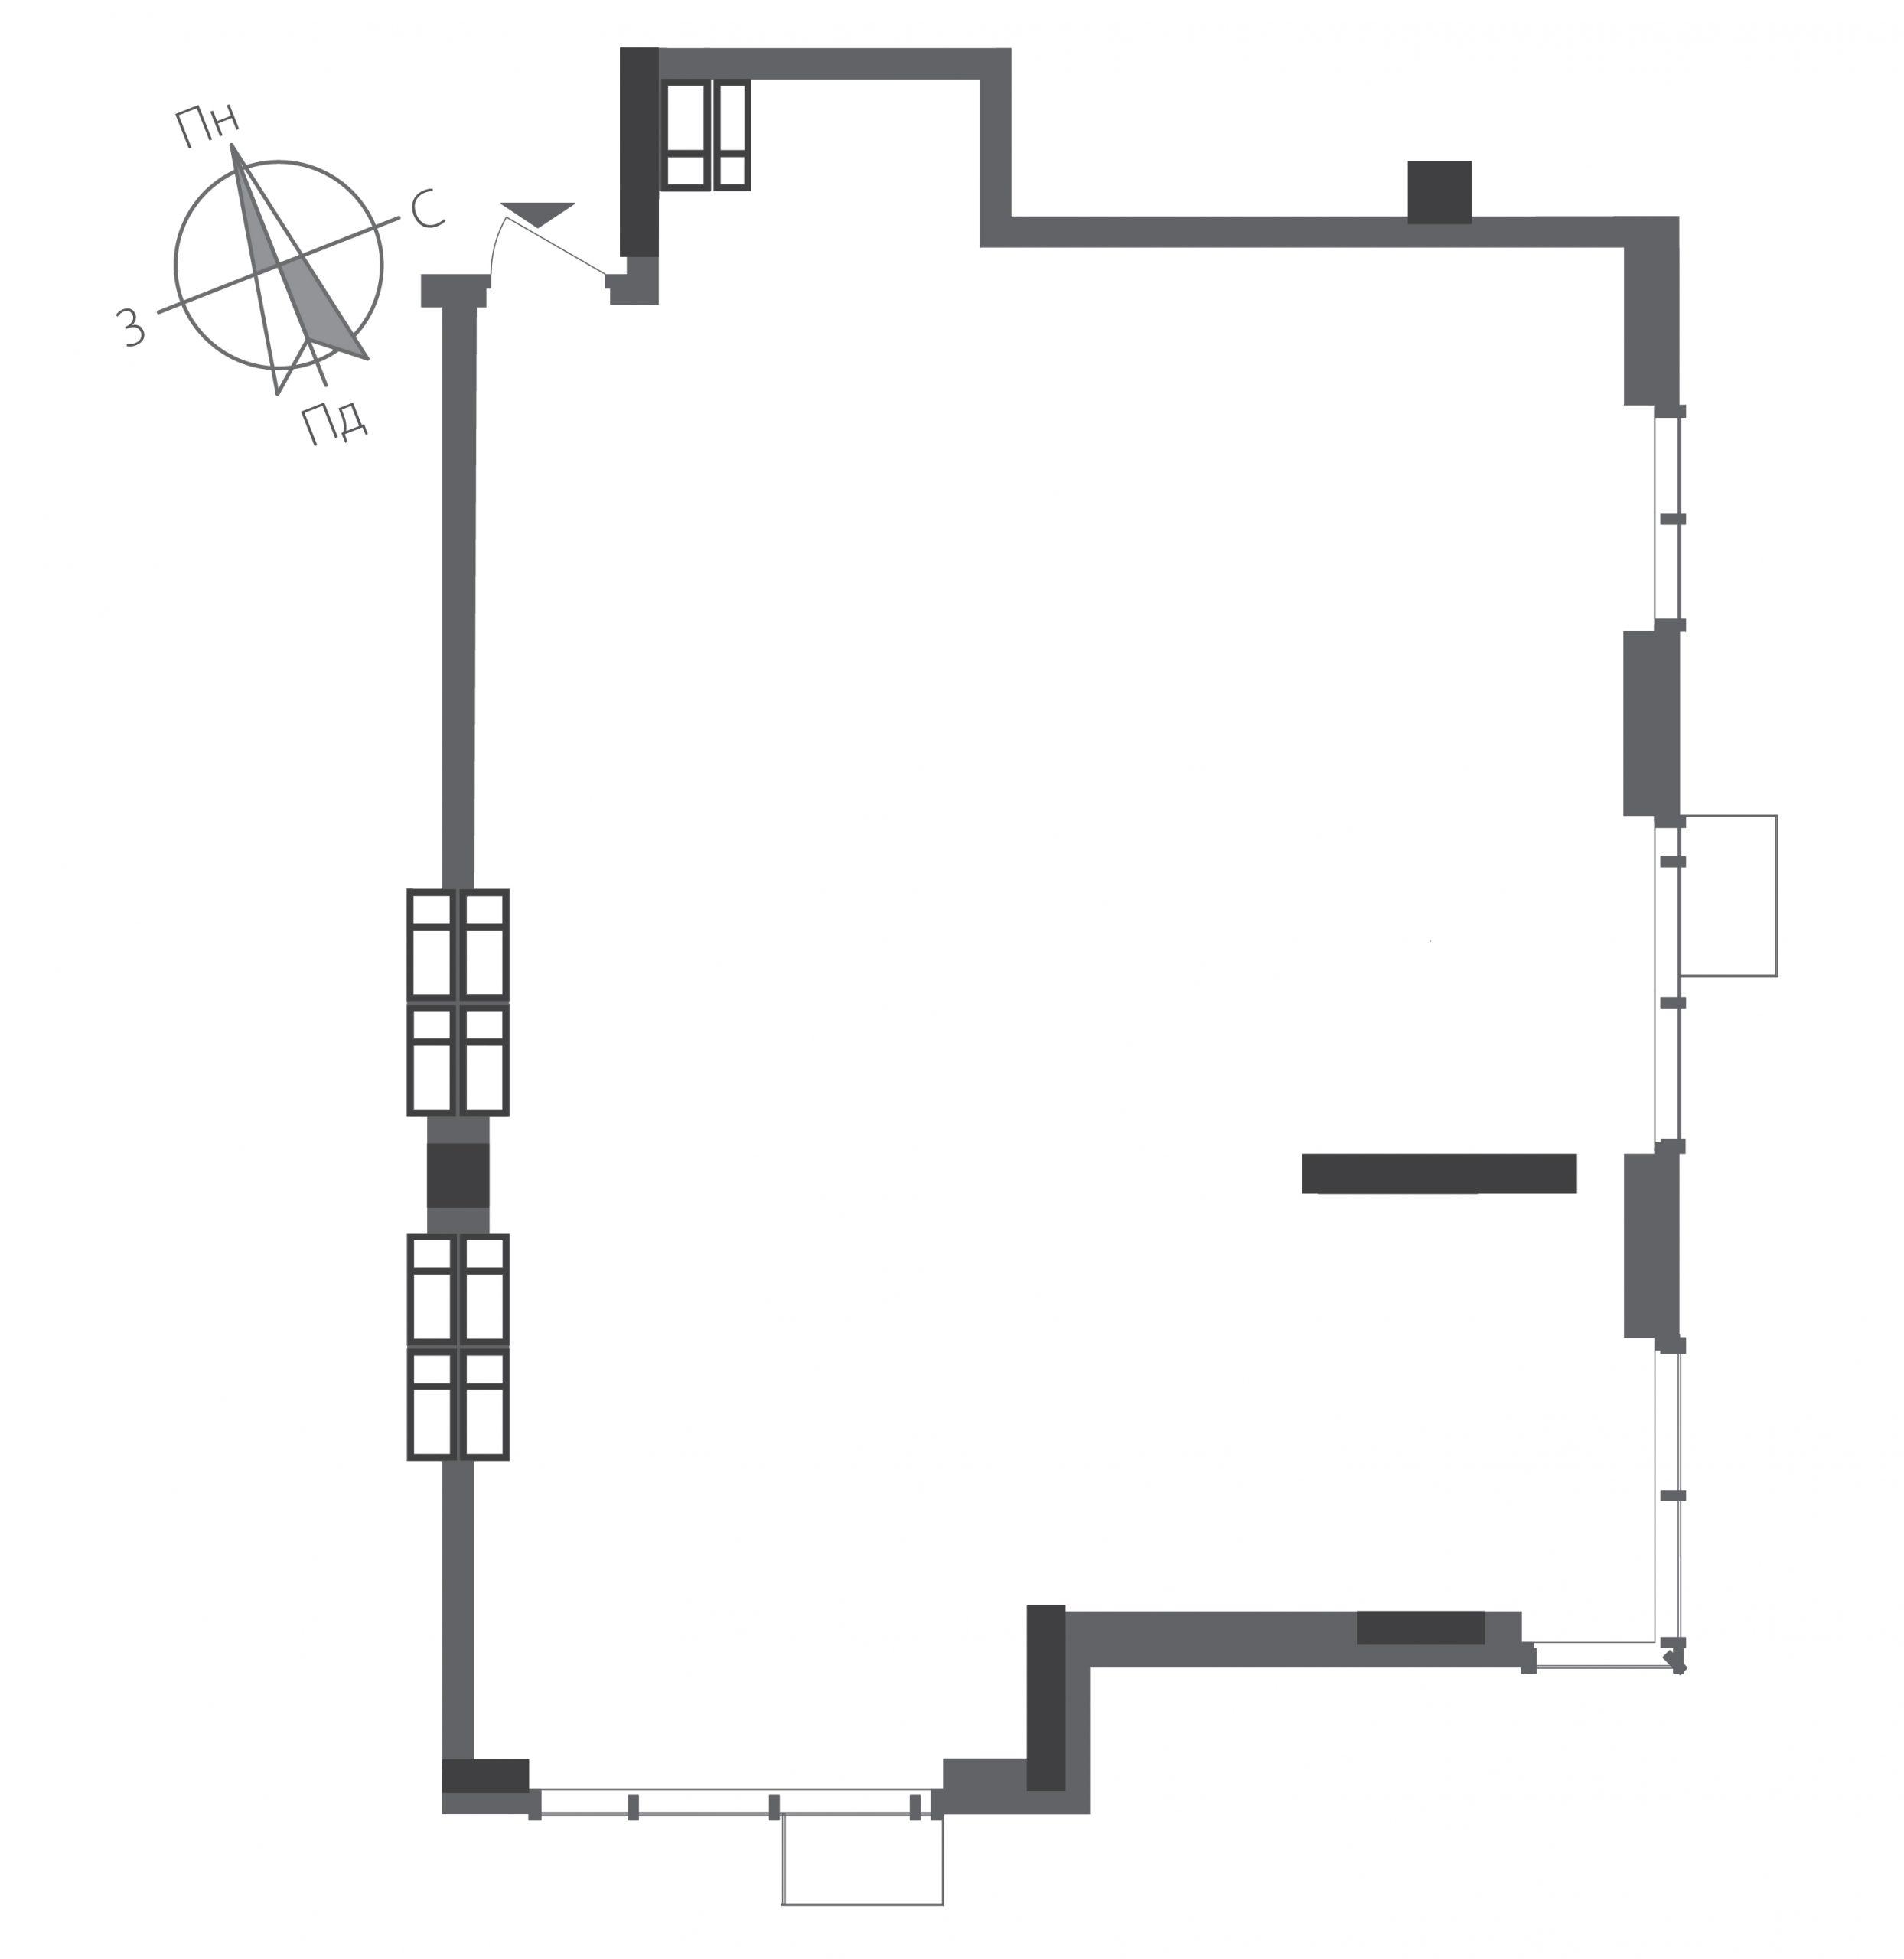 Номер квартиры №2002, Дом 9, Этаж 20, Полная площадь 109,34